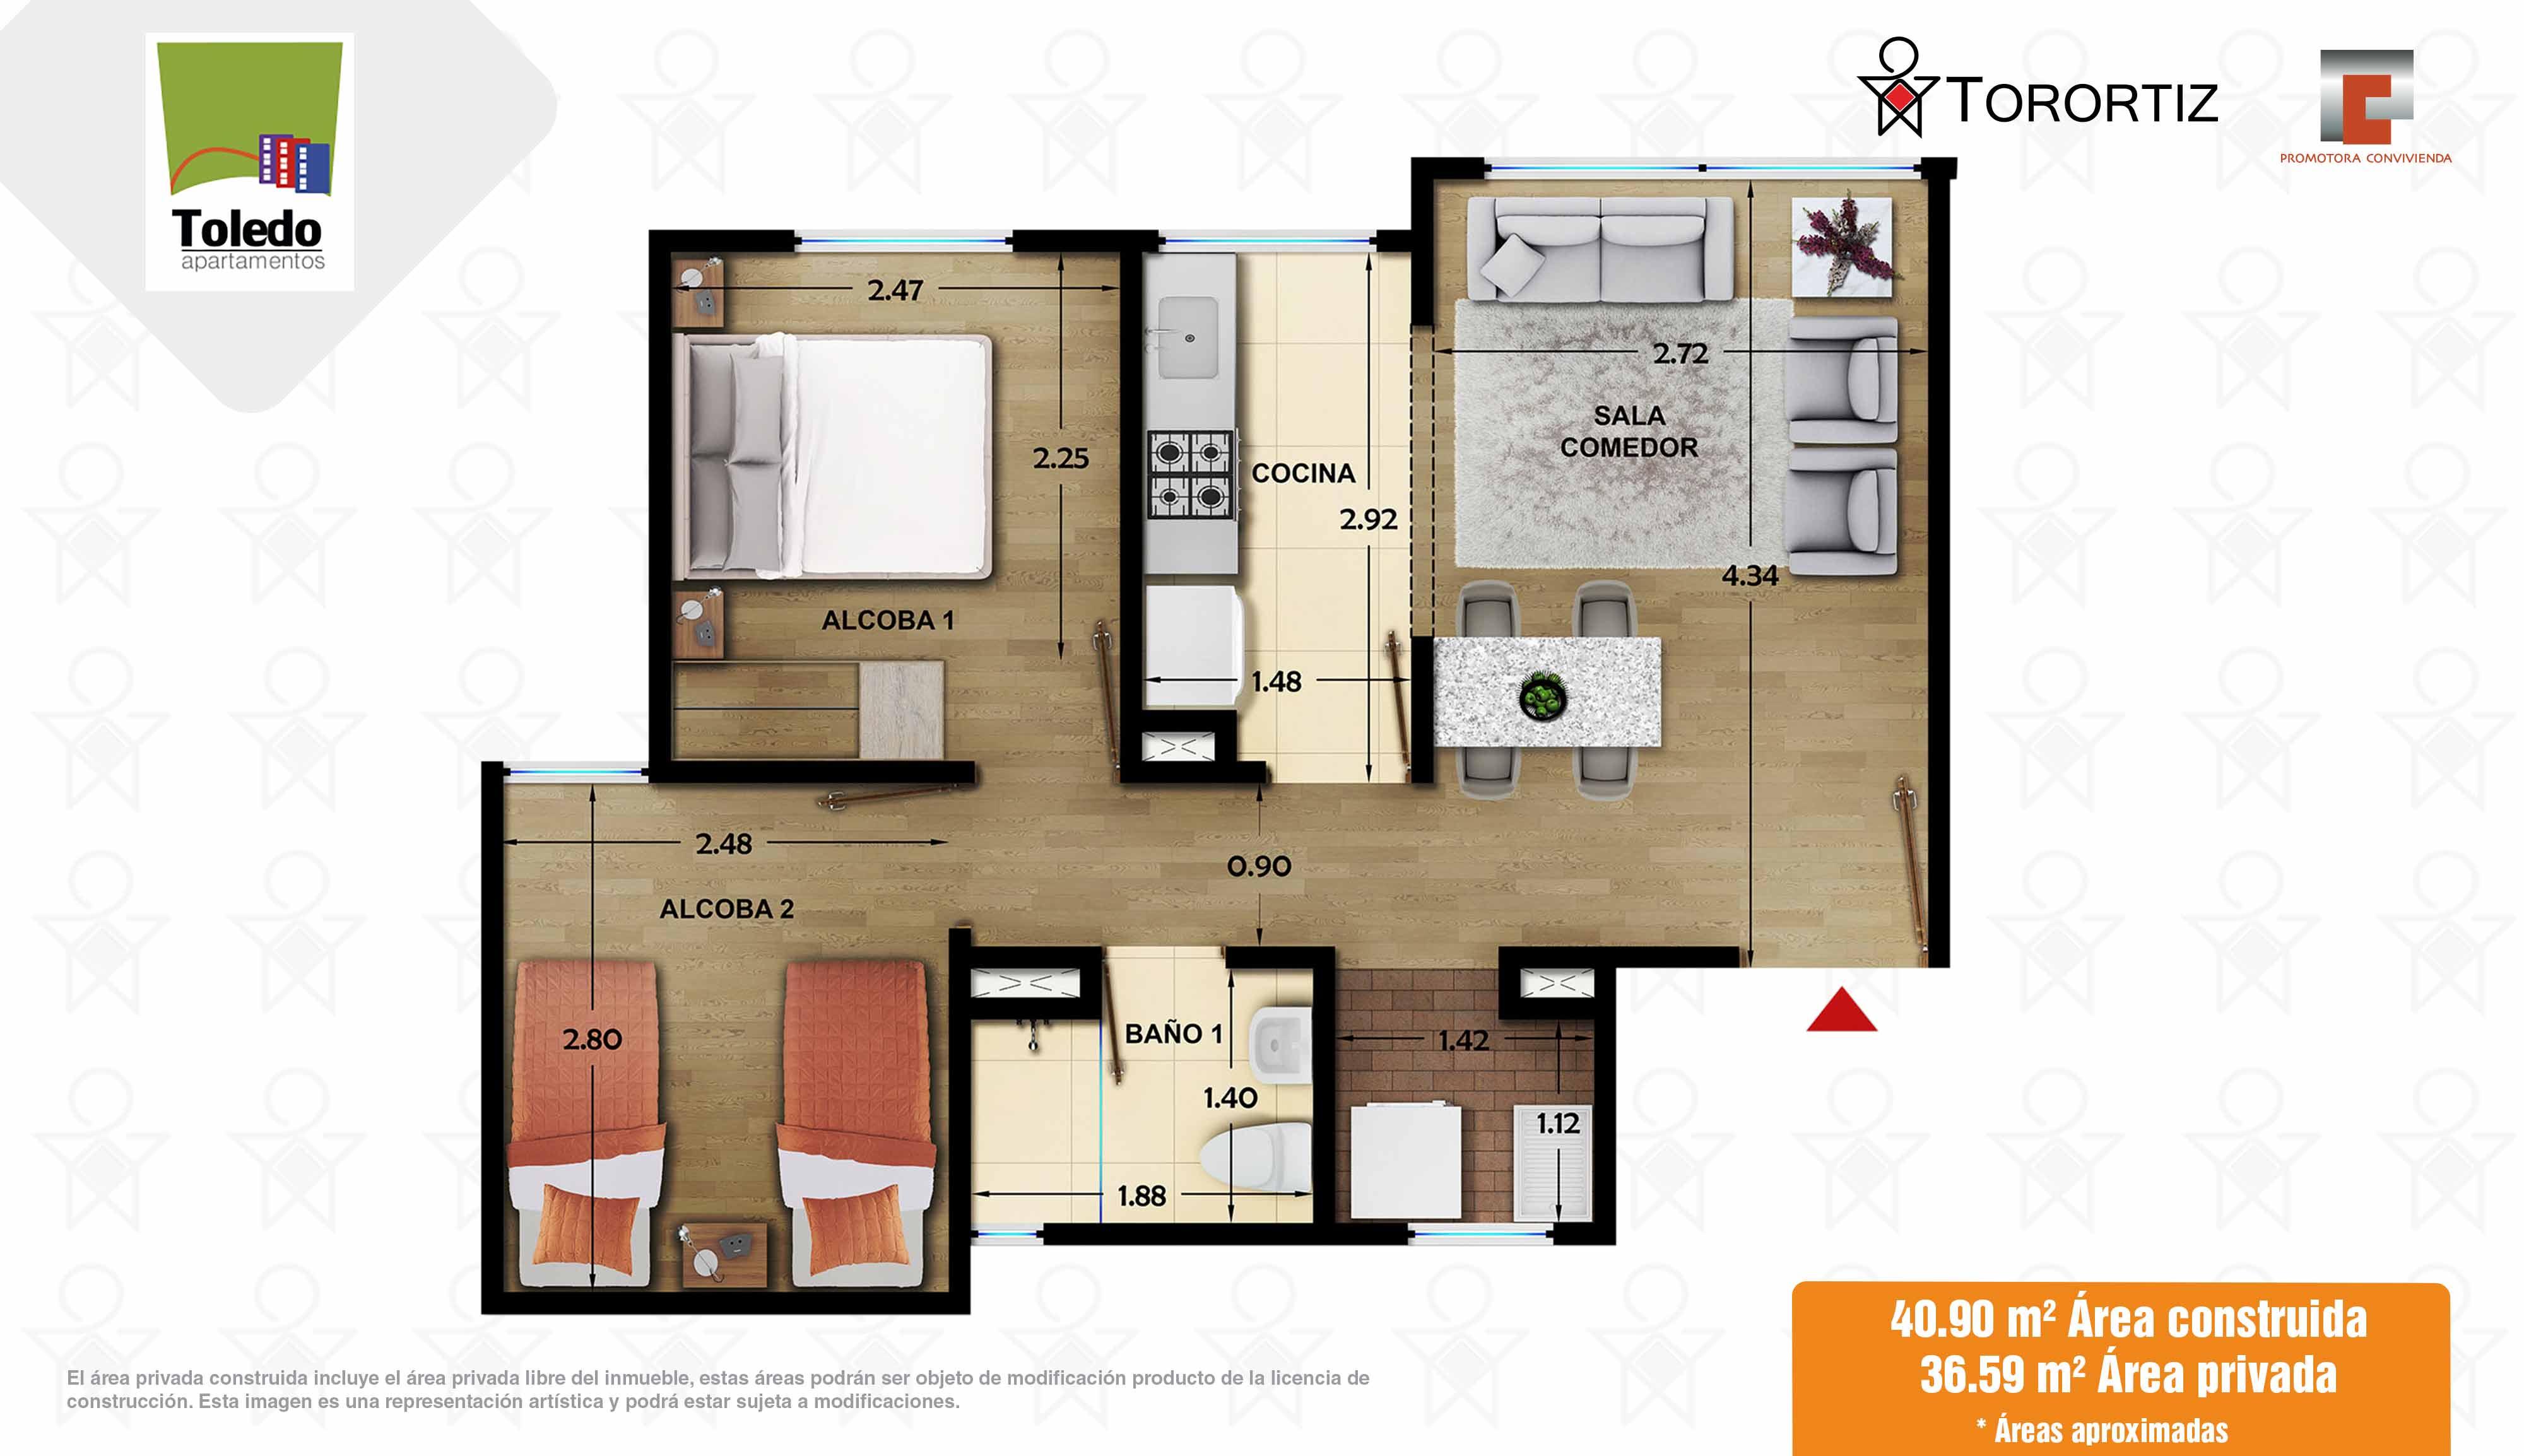 Apartamento_tipo_C_40_m²_Toledo_Apartamentos_Torortiz_Nuevos_en_venta_Soacha